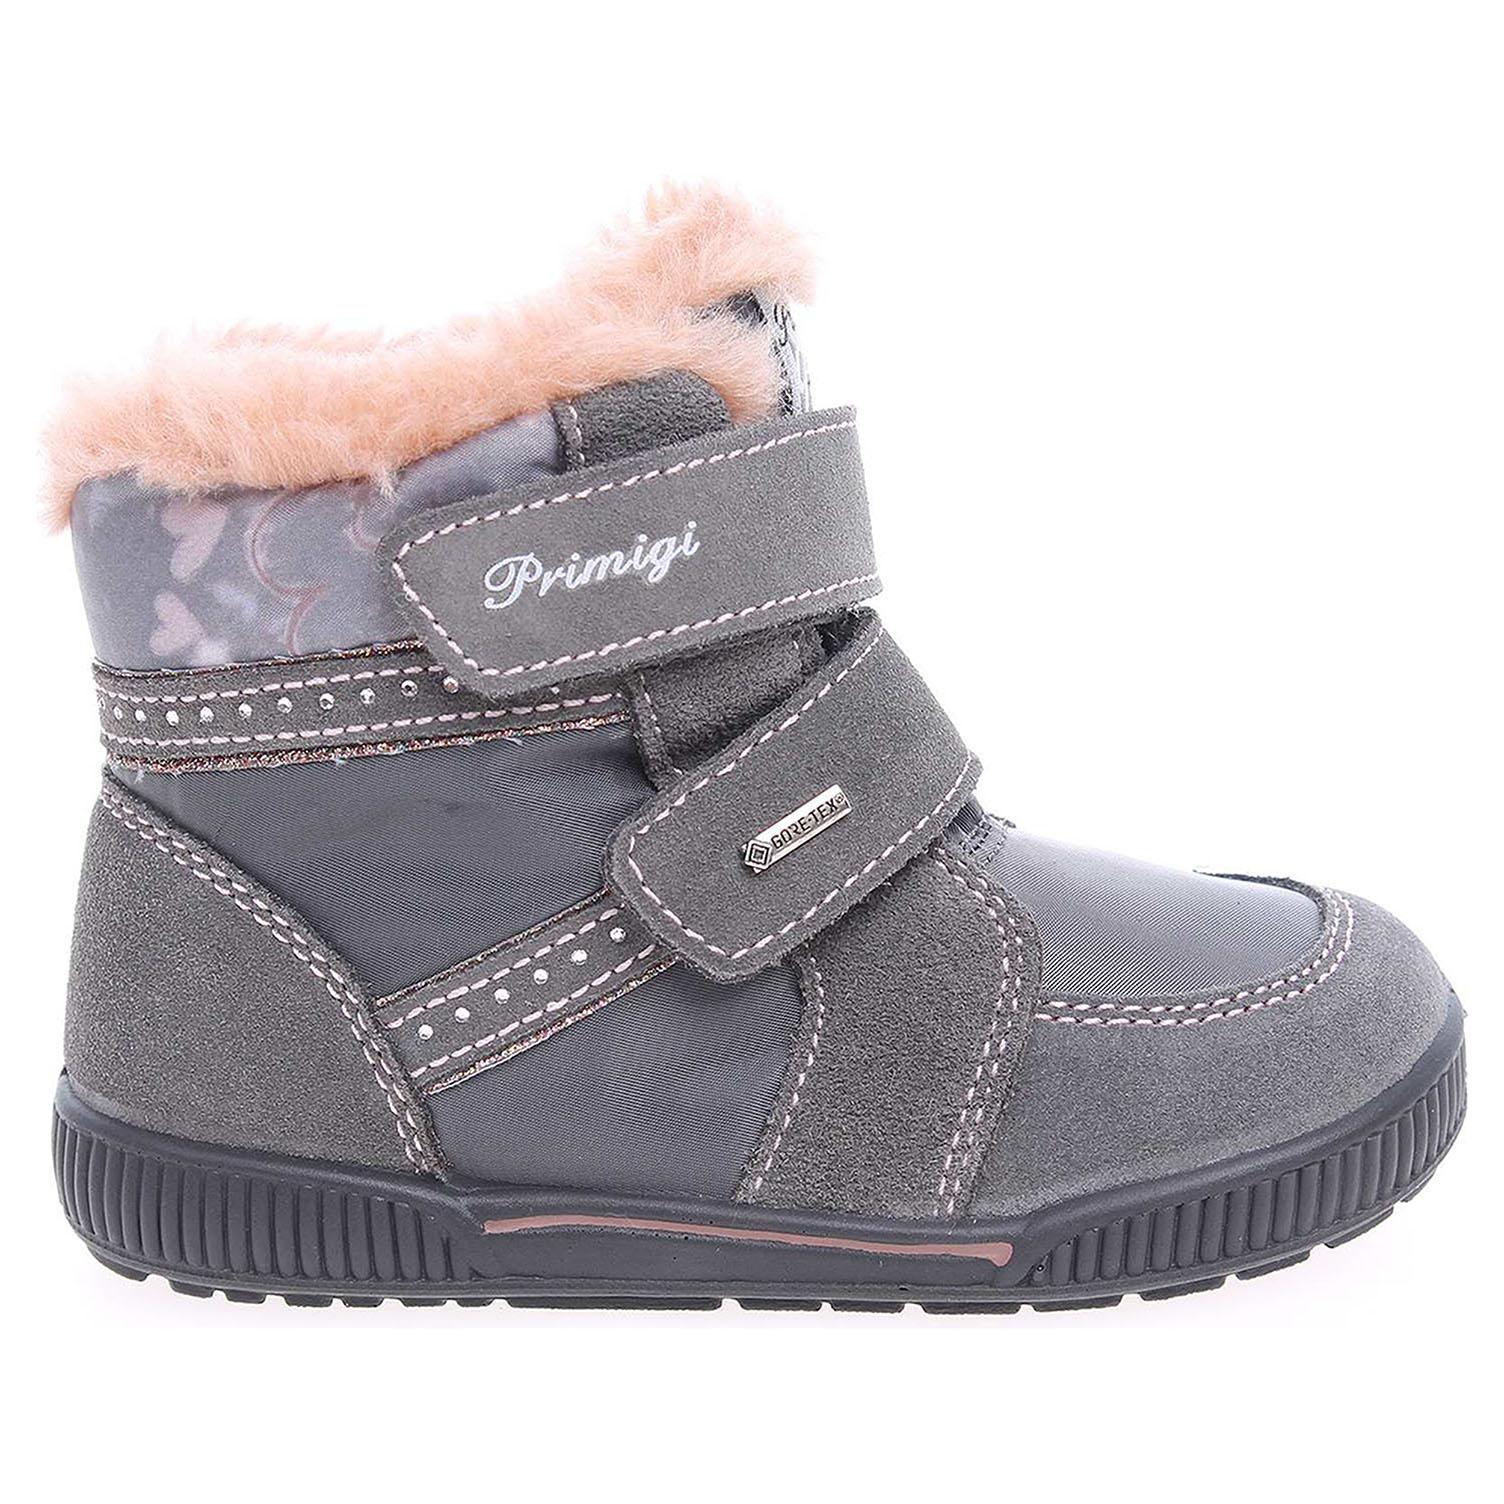 Ecco Primigi Bissy 6547177 dívčí sněhule šedé 26700056